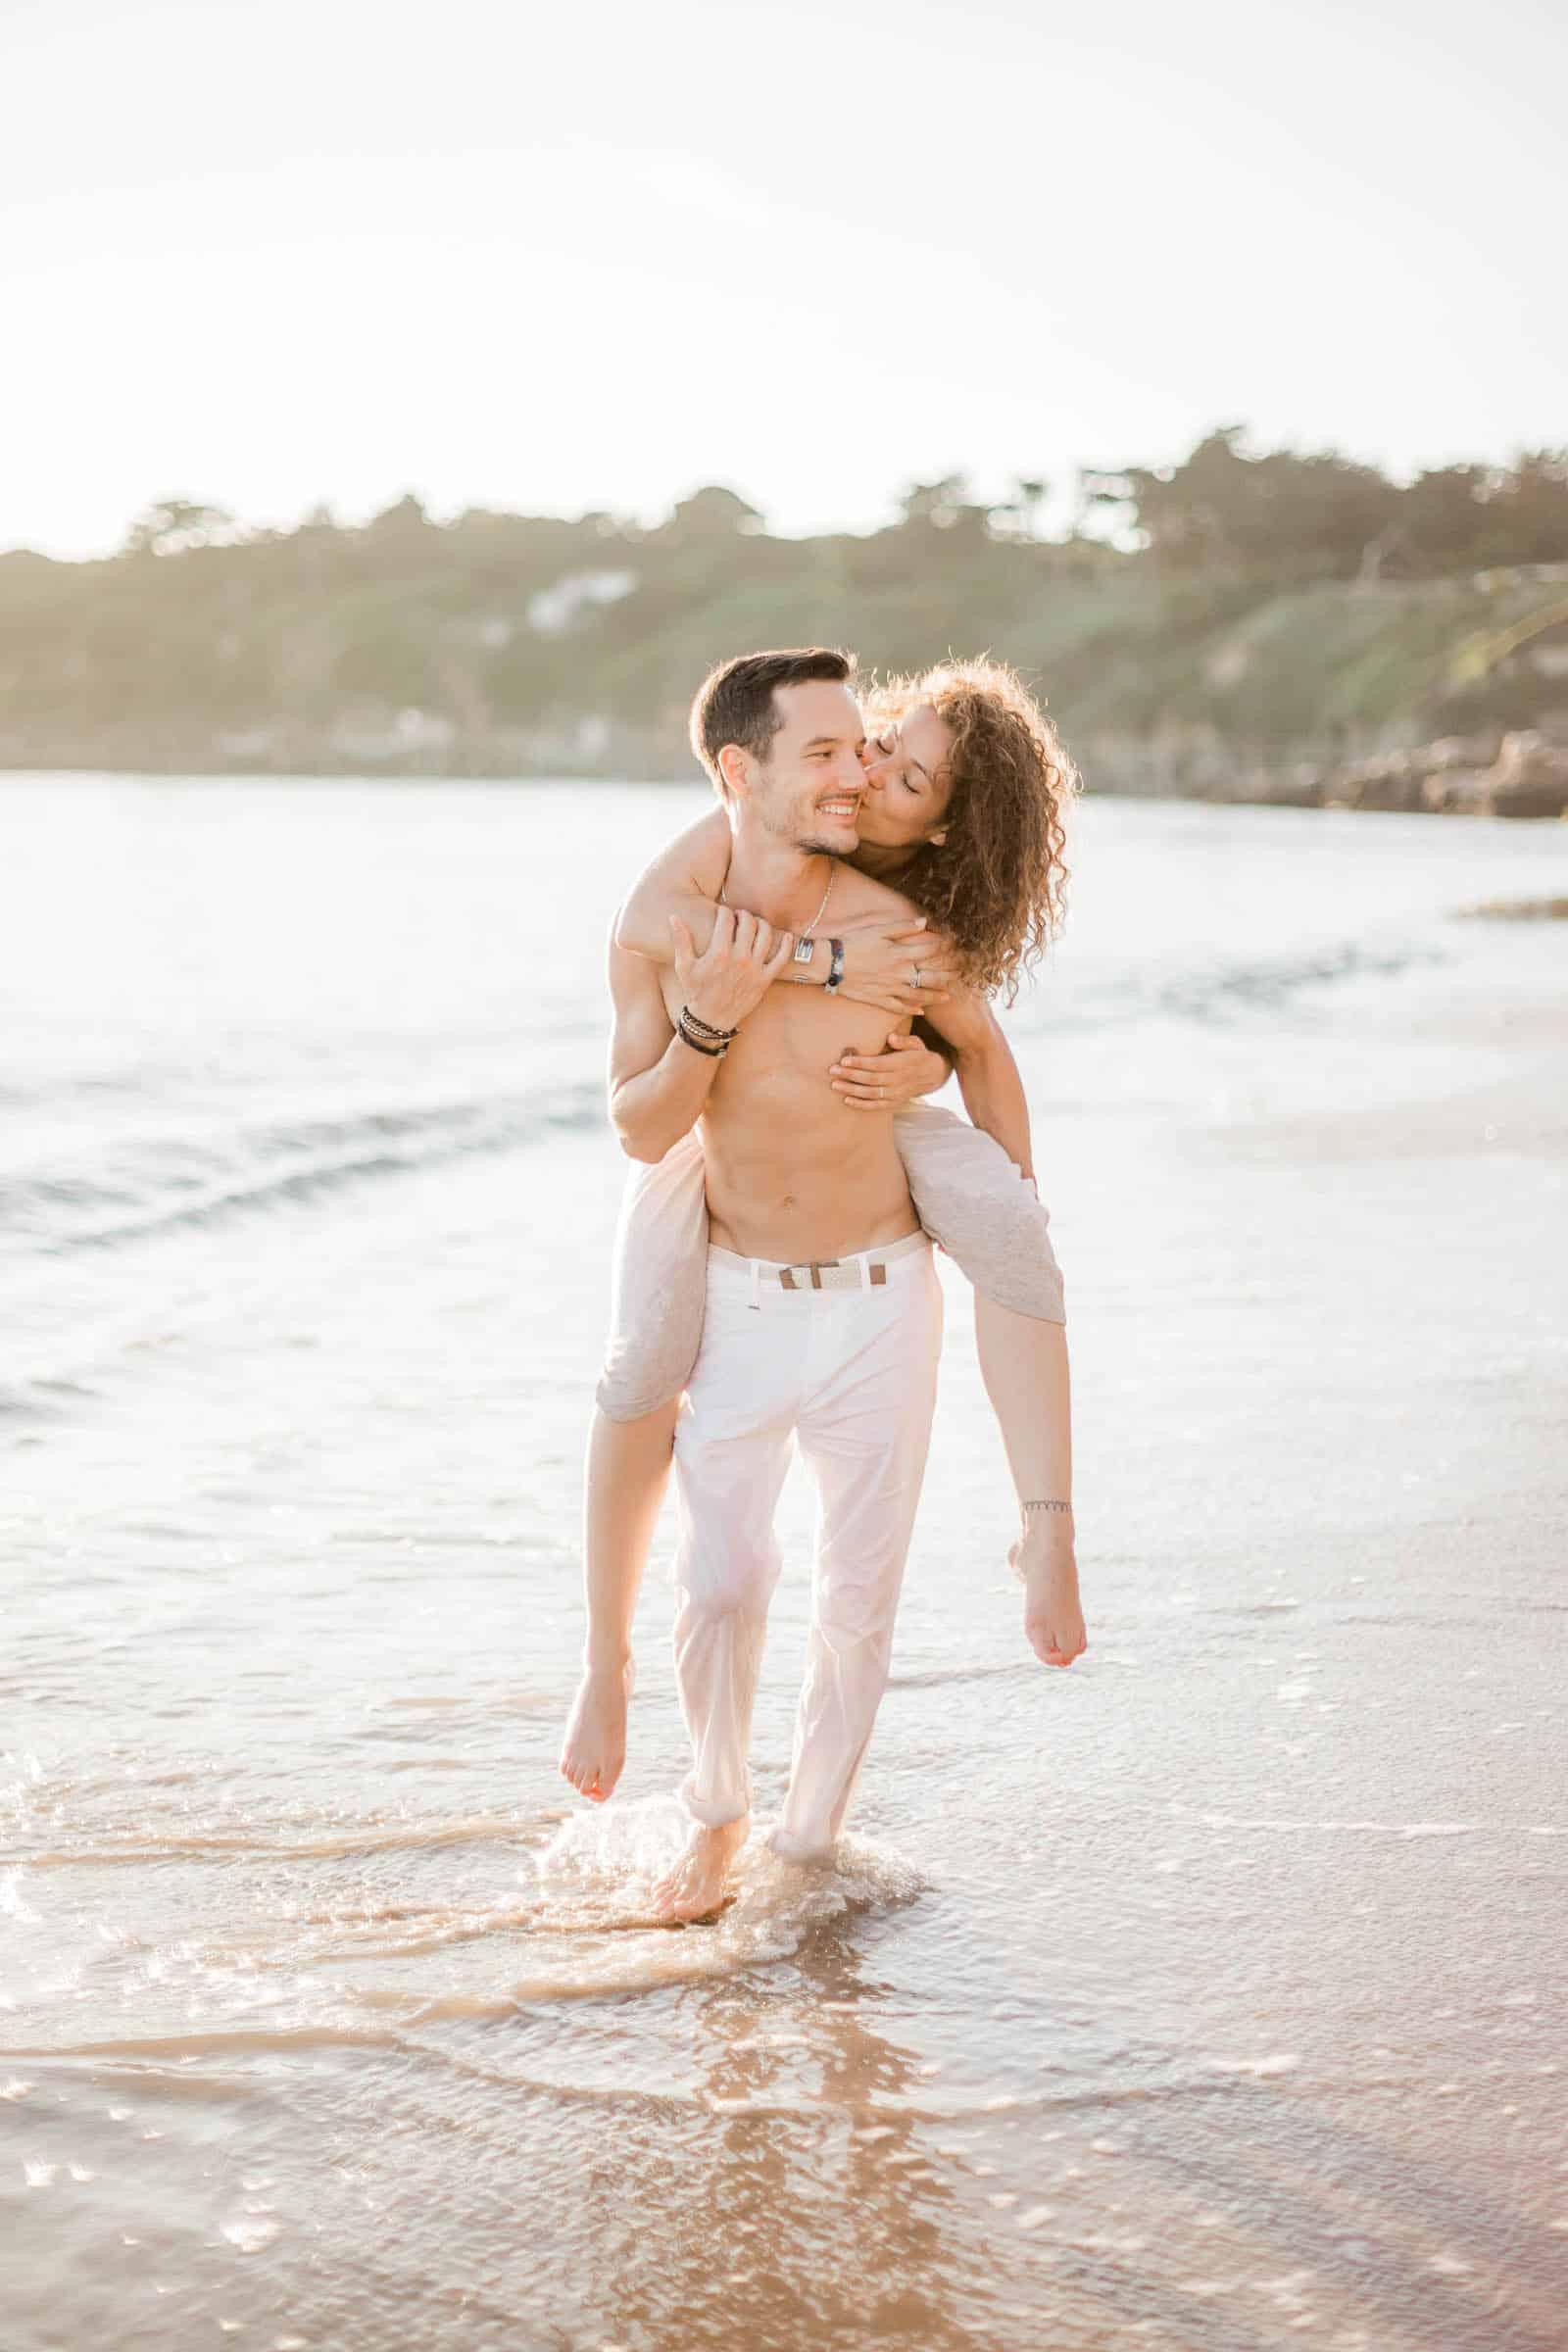 Photographie de Mathieu Dété, photographe couple la Réunion, présentant un couple heureux marchant en bord de mer et en train de rigoler sur la plage de Saint Paul